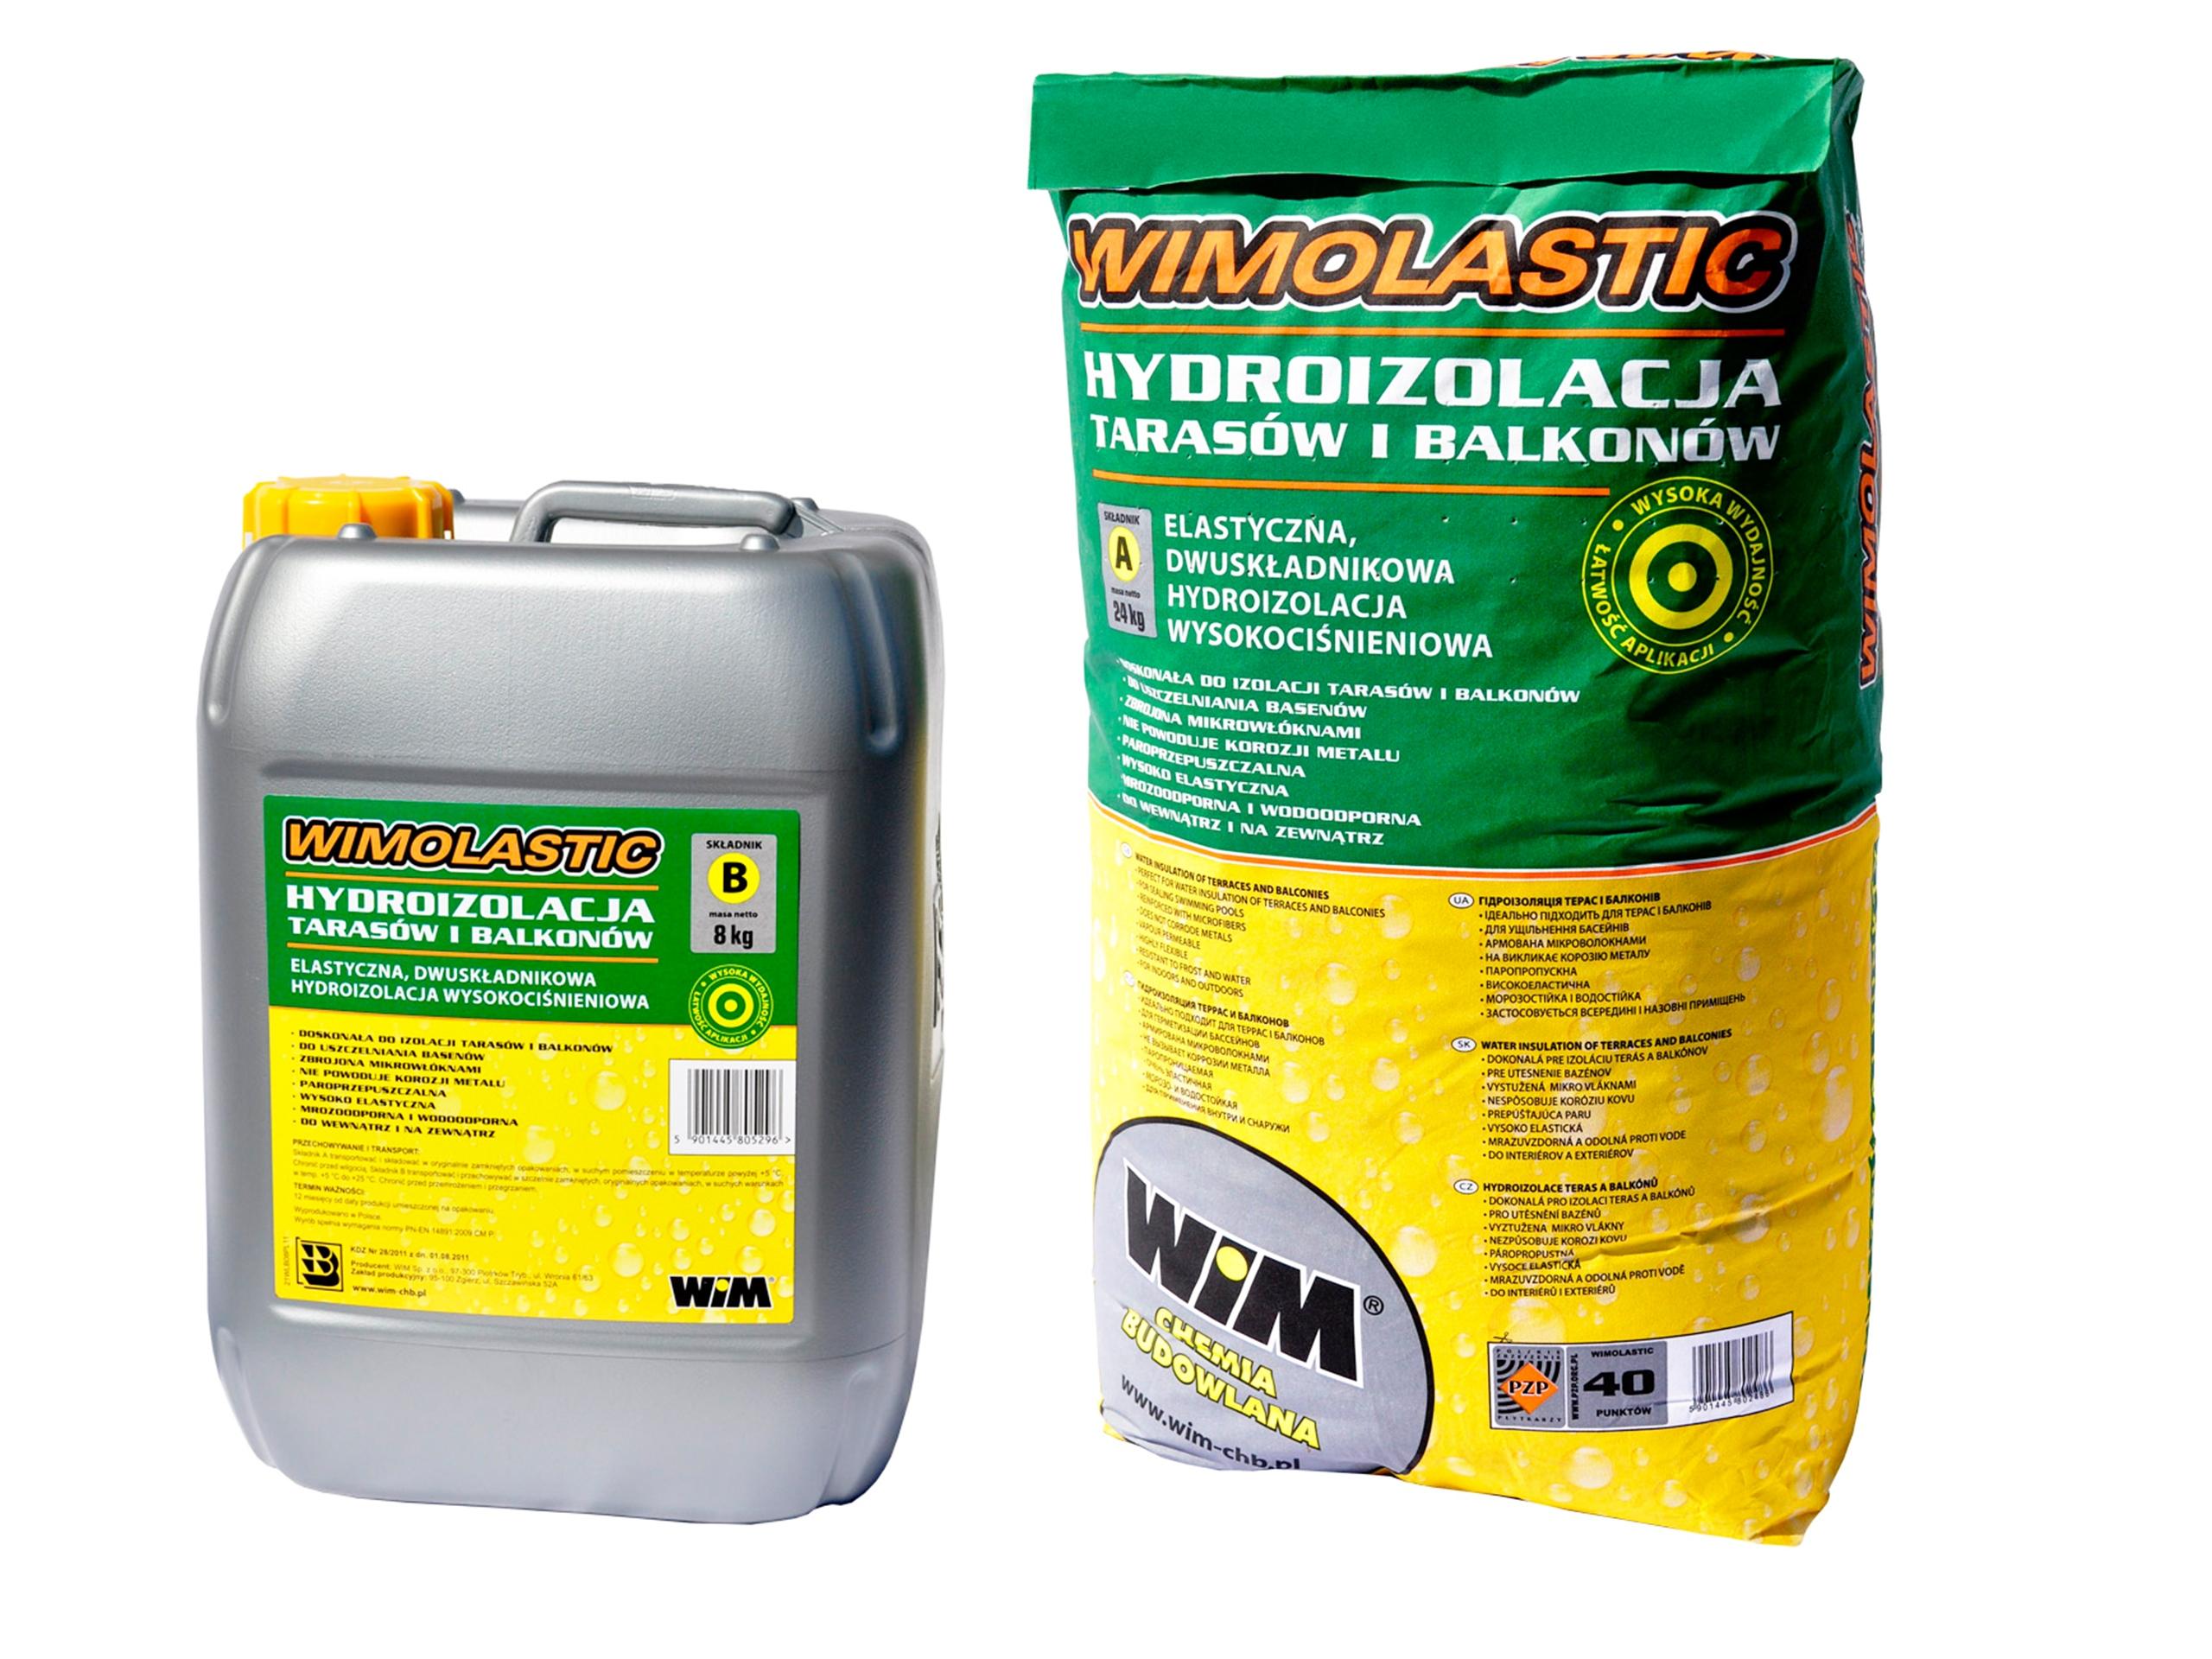 Hydroizolacja WIM Wimolastic A+B 32kg basen taras